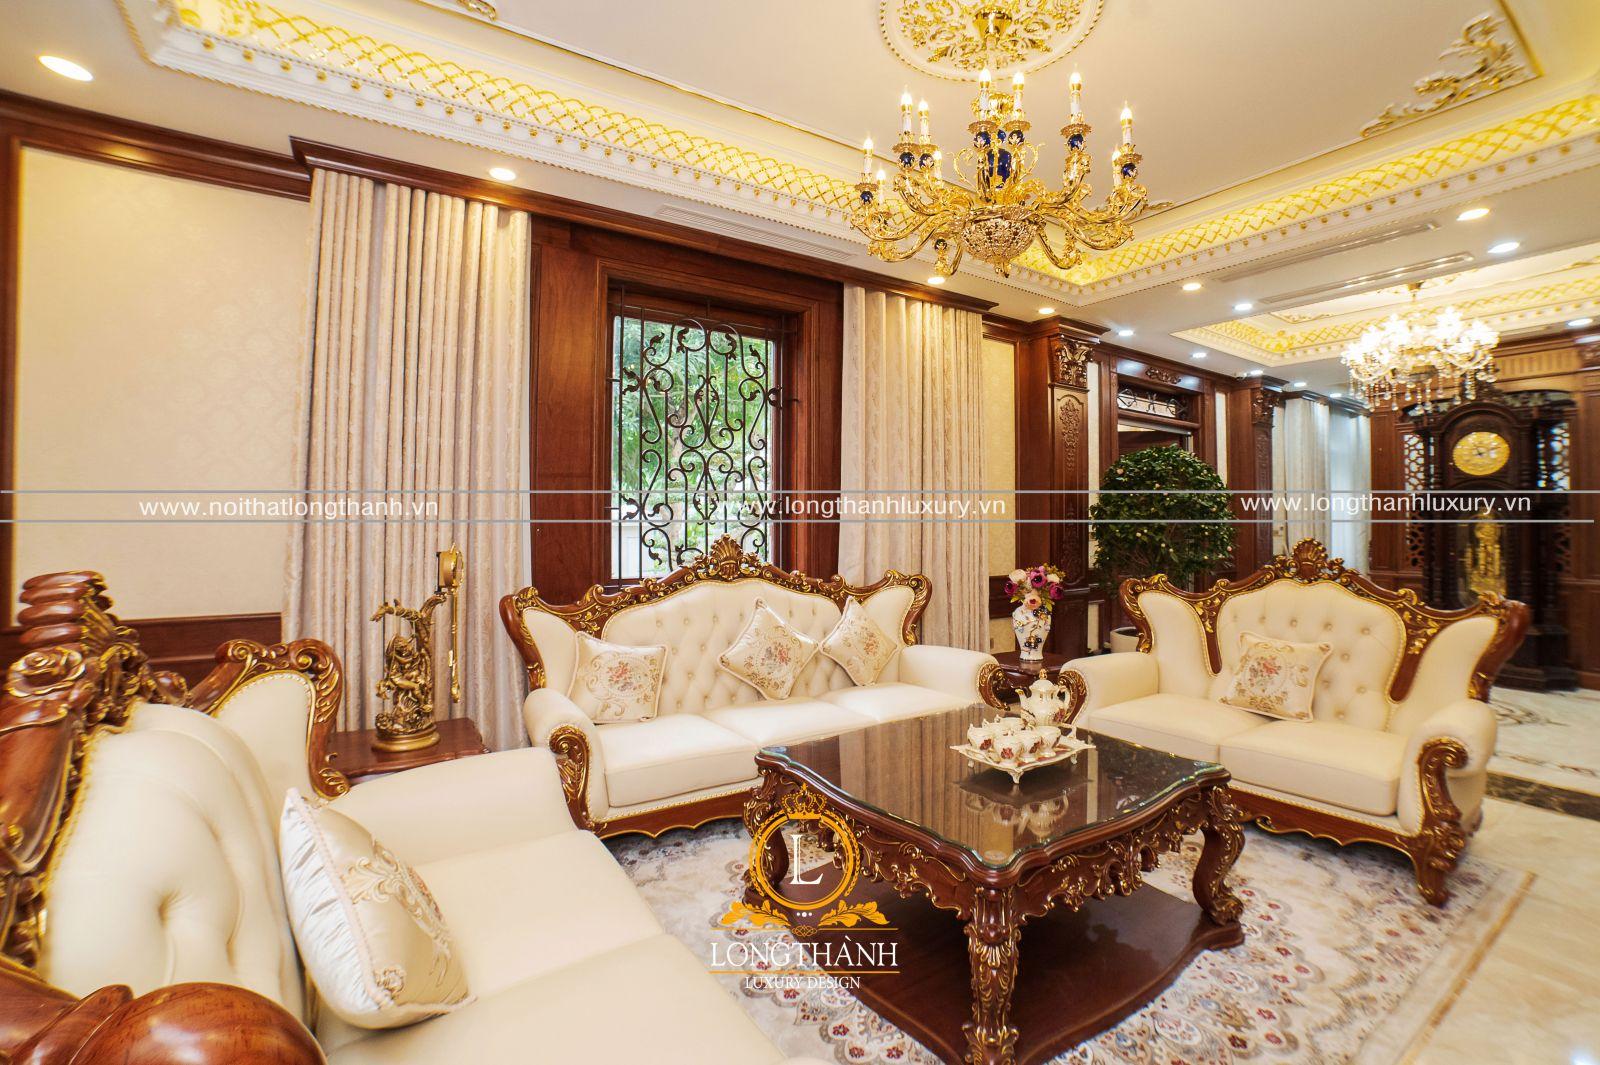 Không gian nội thất tân cổ điển được thiết kế hài hòa giữa ánh sáng tự nhiên với ánh sáng đèn